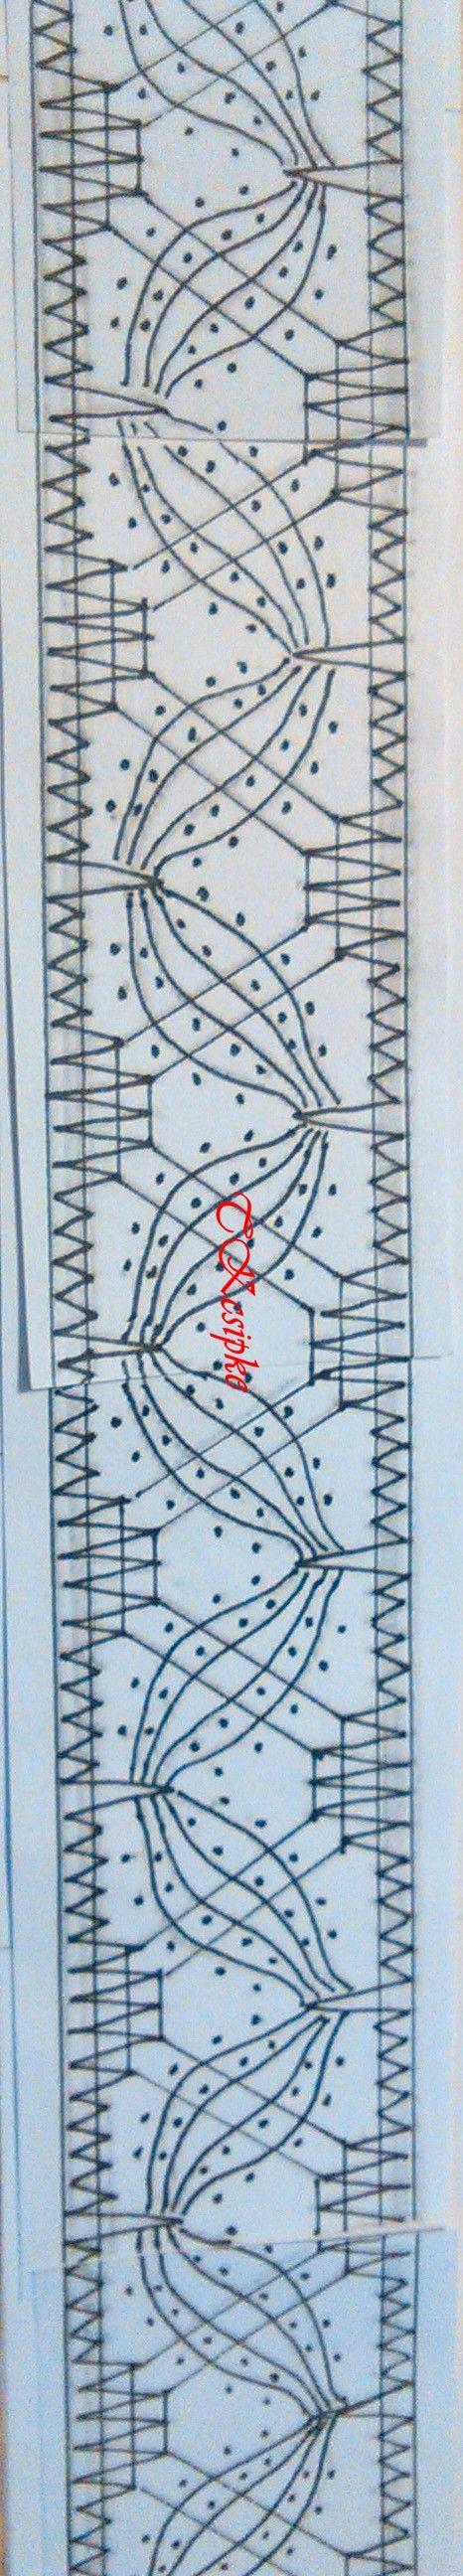 www.tkcsipke.blogspot.com